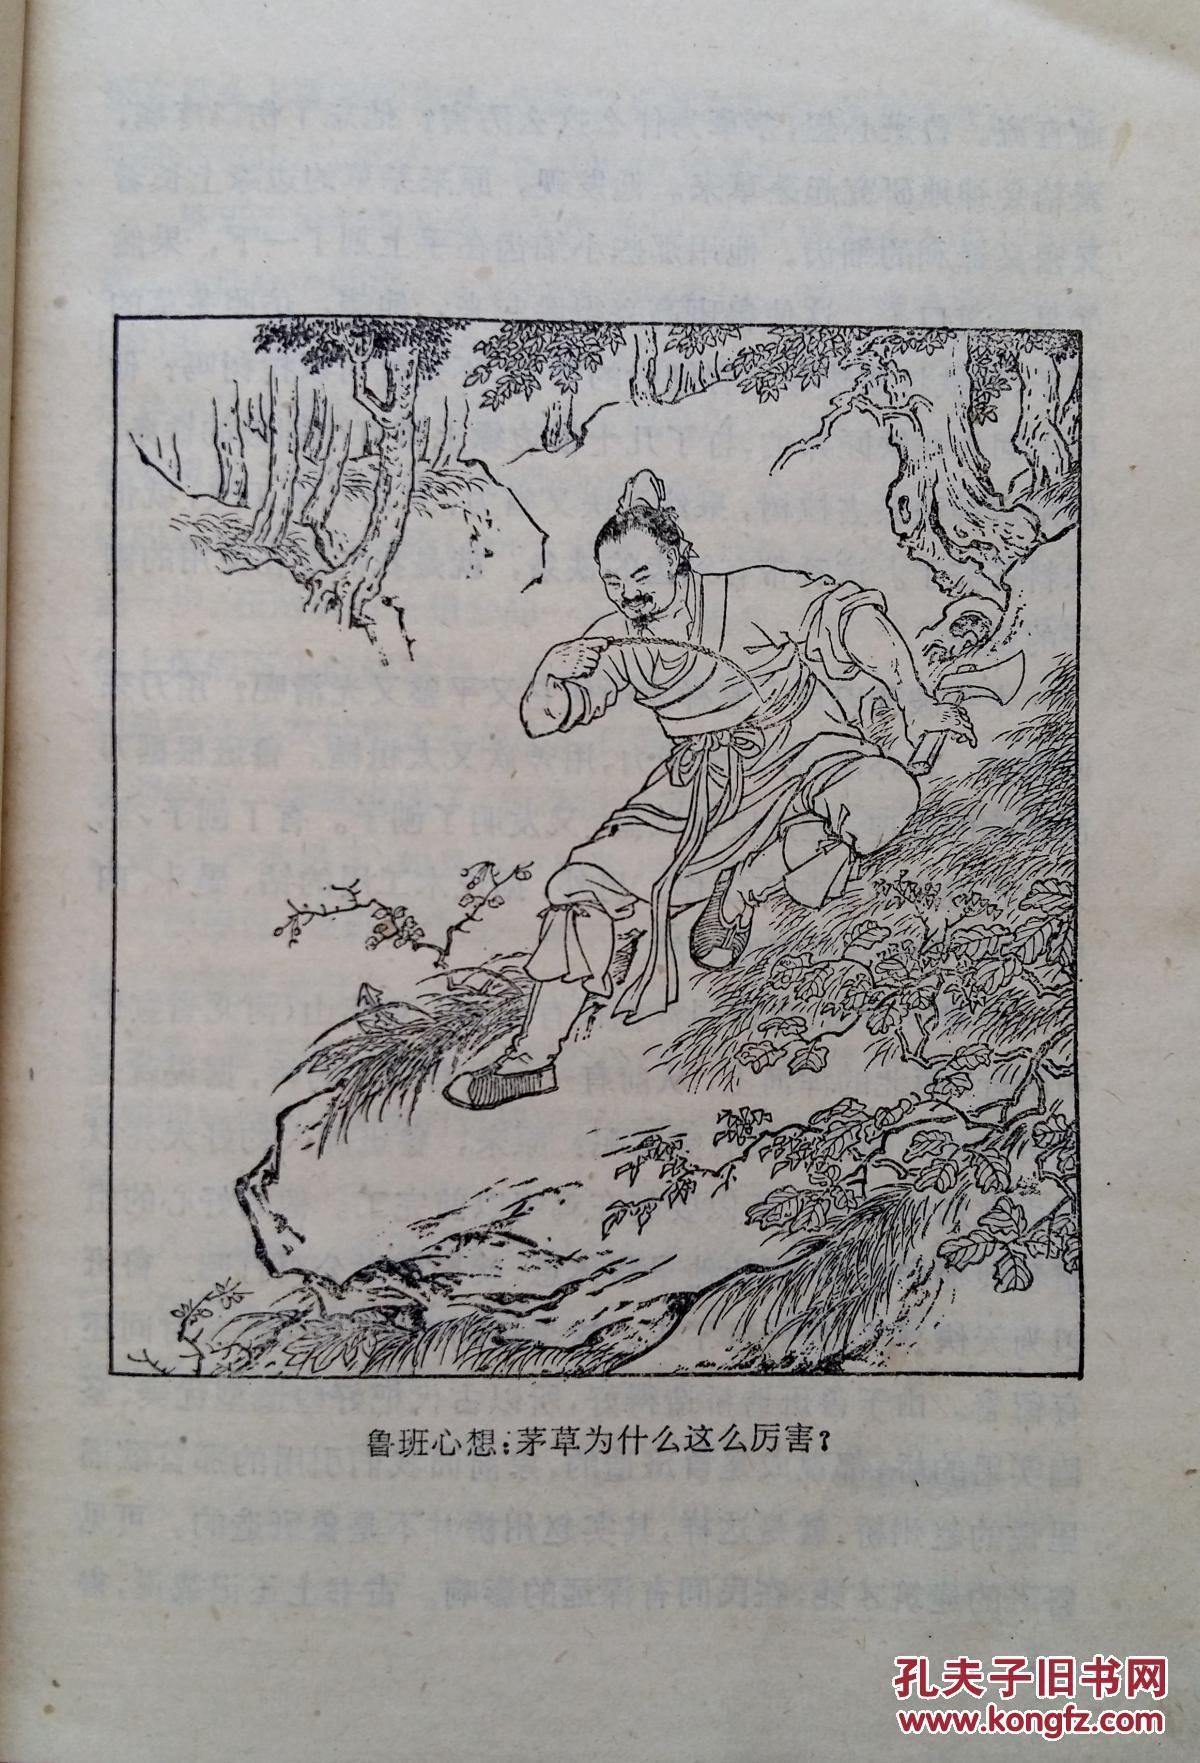 中国古代科学家的故事 少年百科丛书 插图 刘凌沧 黄均 侯叔彦 1978 一版一印 插图绘画本